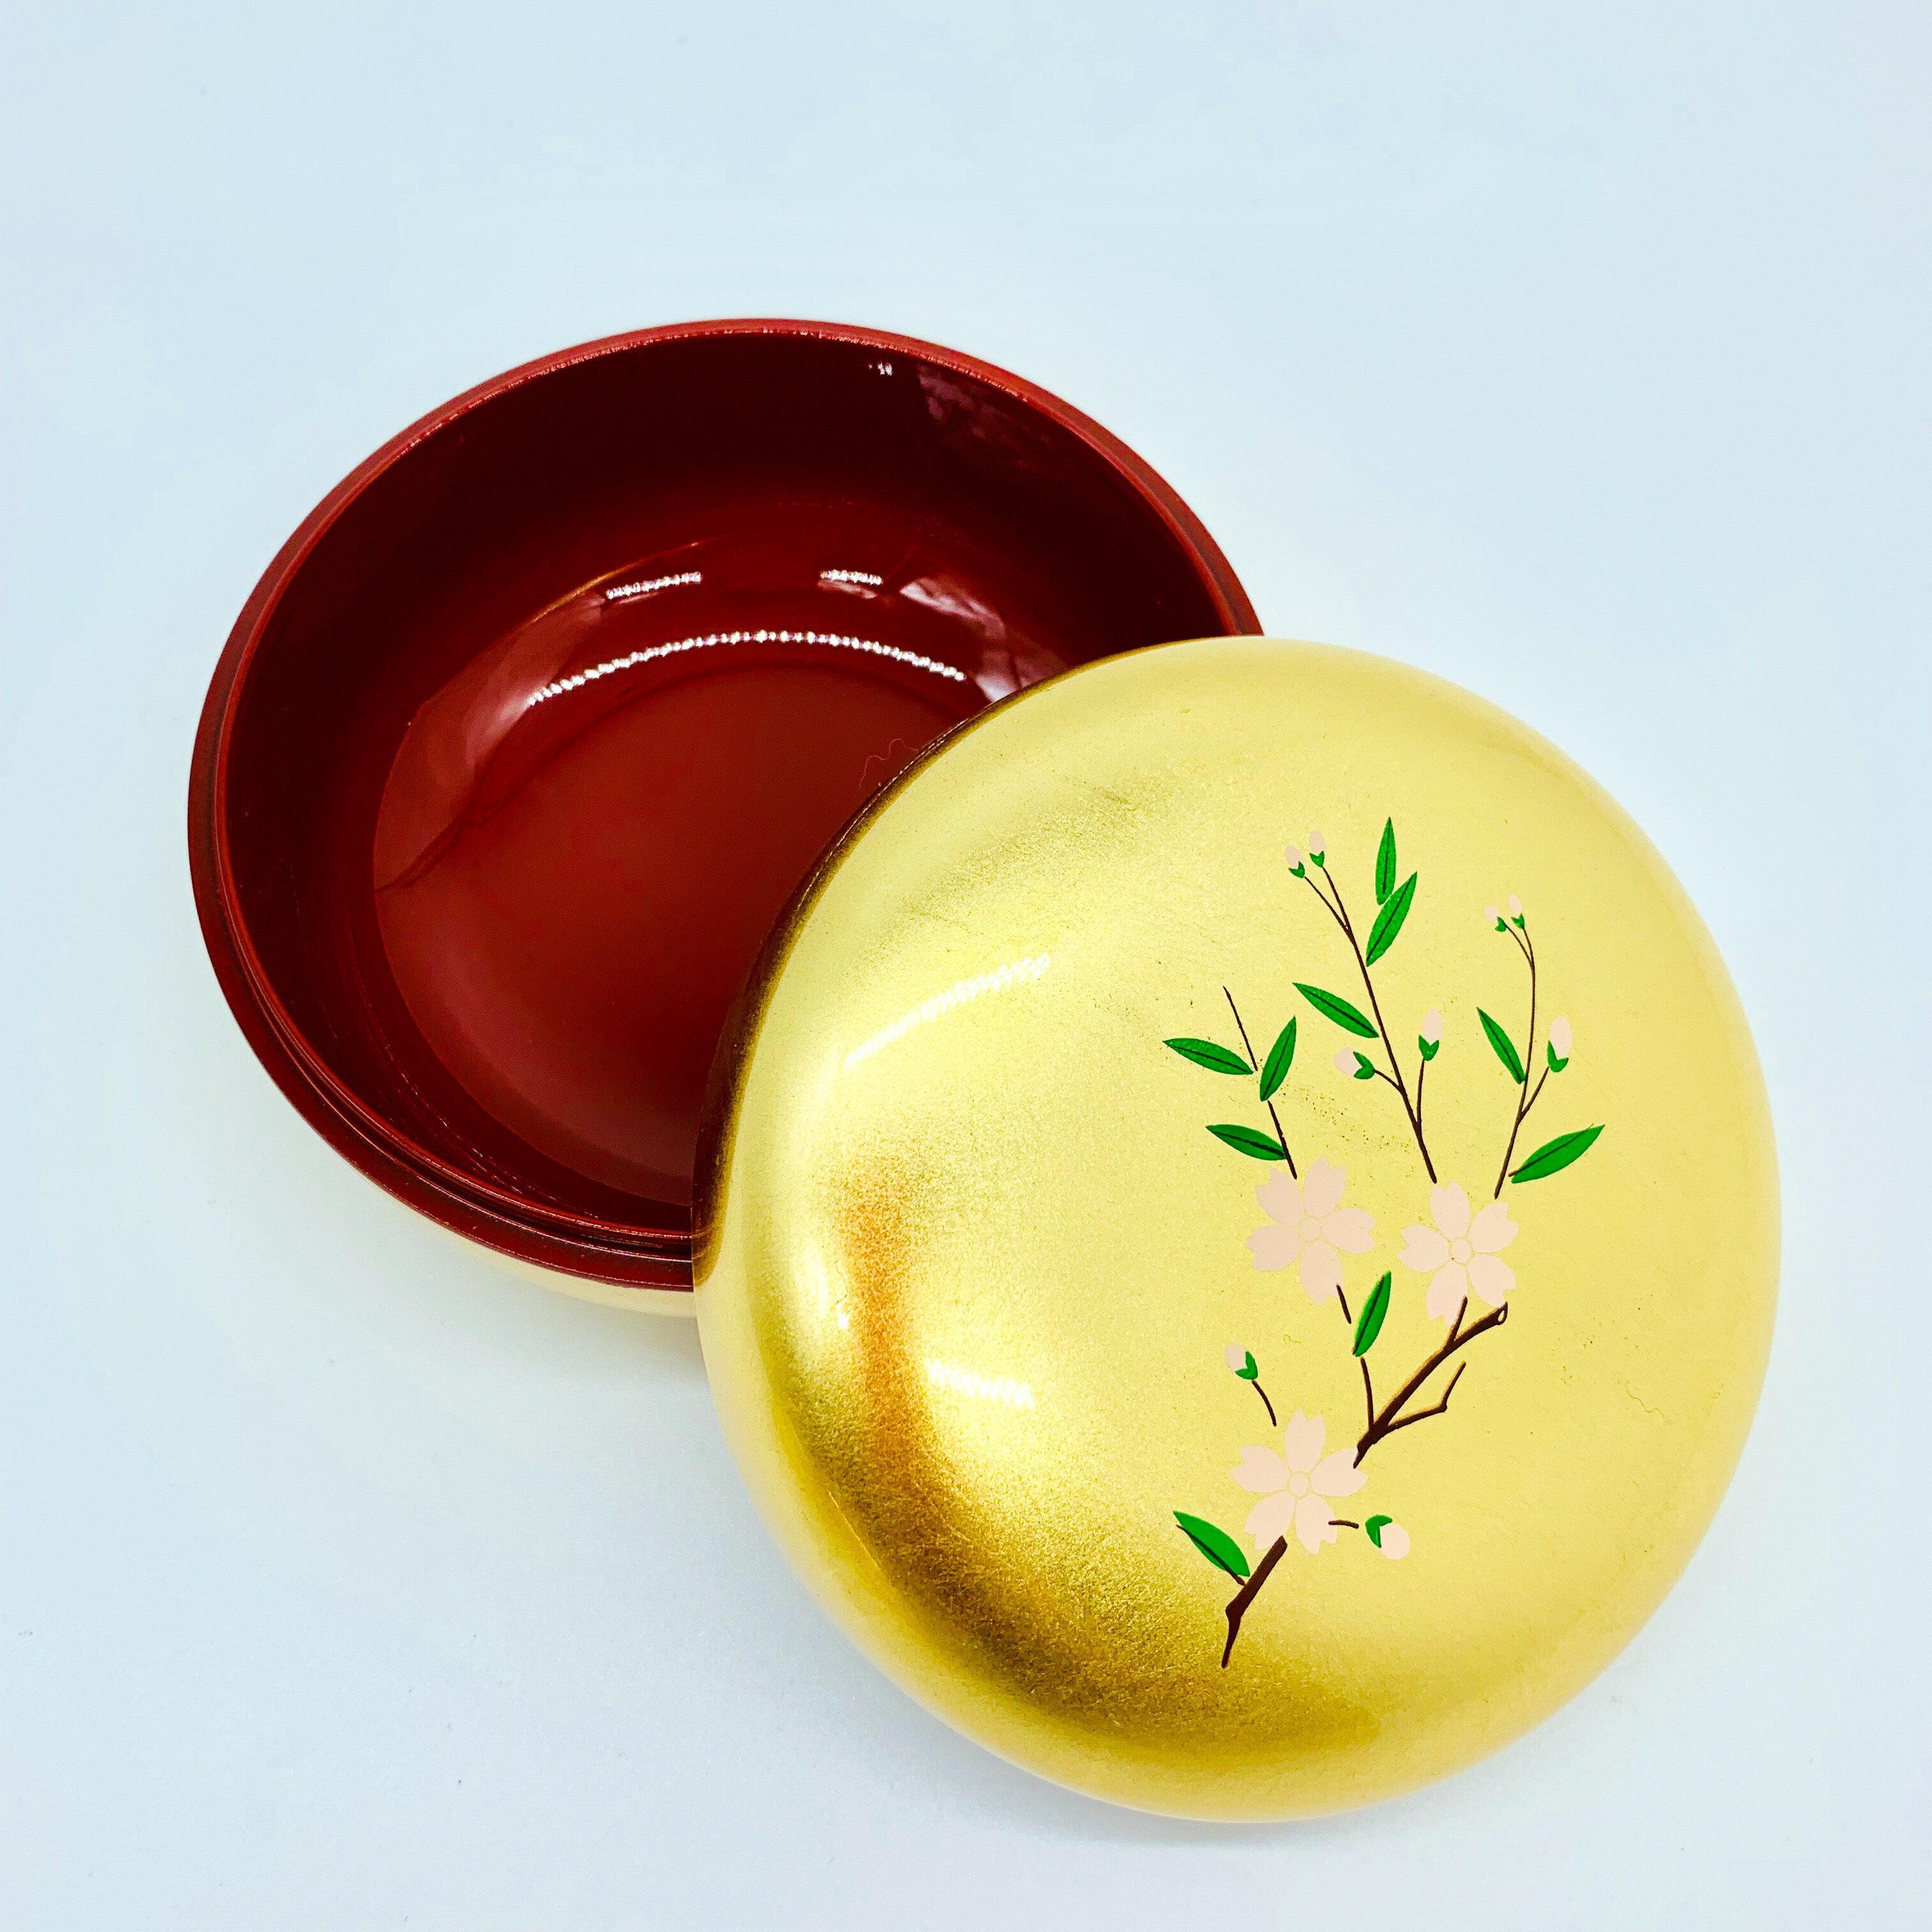 日本 金澤 金箔屋 金箔 菓子盒 櫻花 蹴鞠 杜若 日本直送 職人手工貼製  漆器 放點心最棒的選擇 5